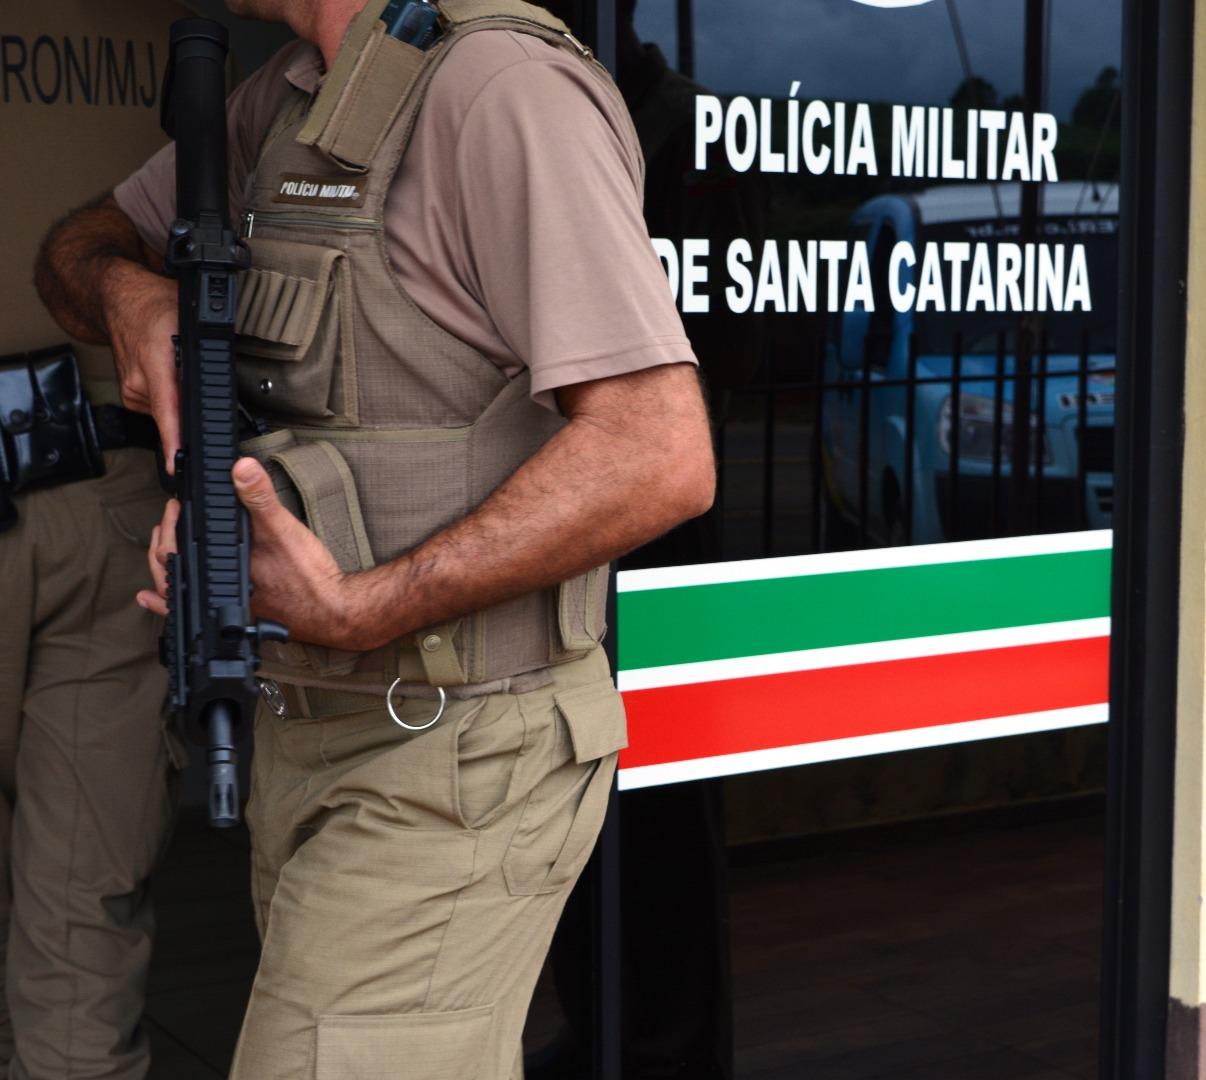 Polícia Militar recebe arma para reforçar segurança